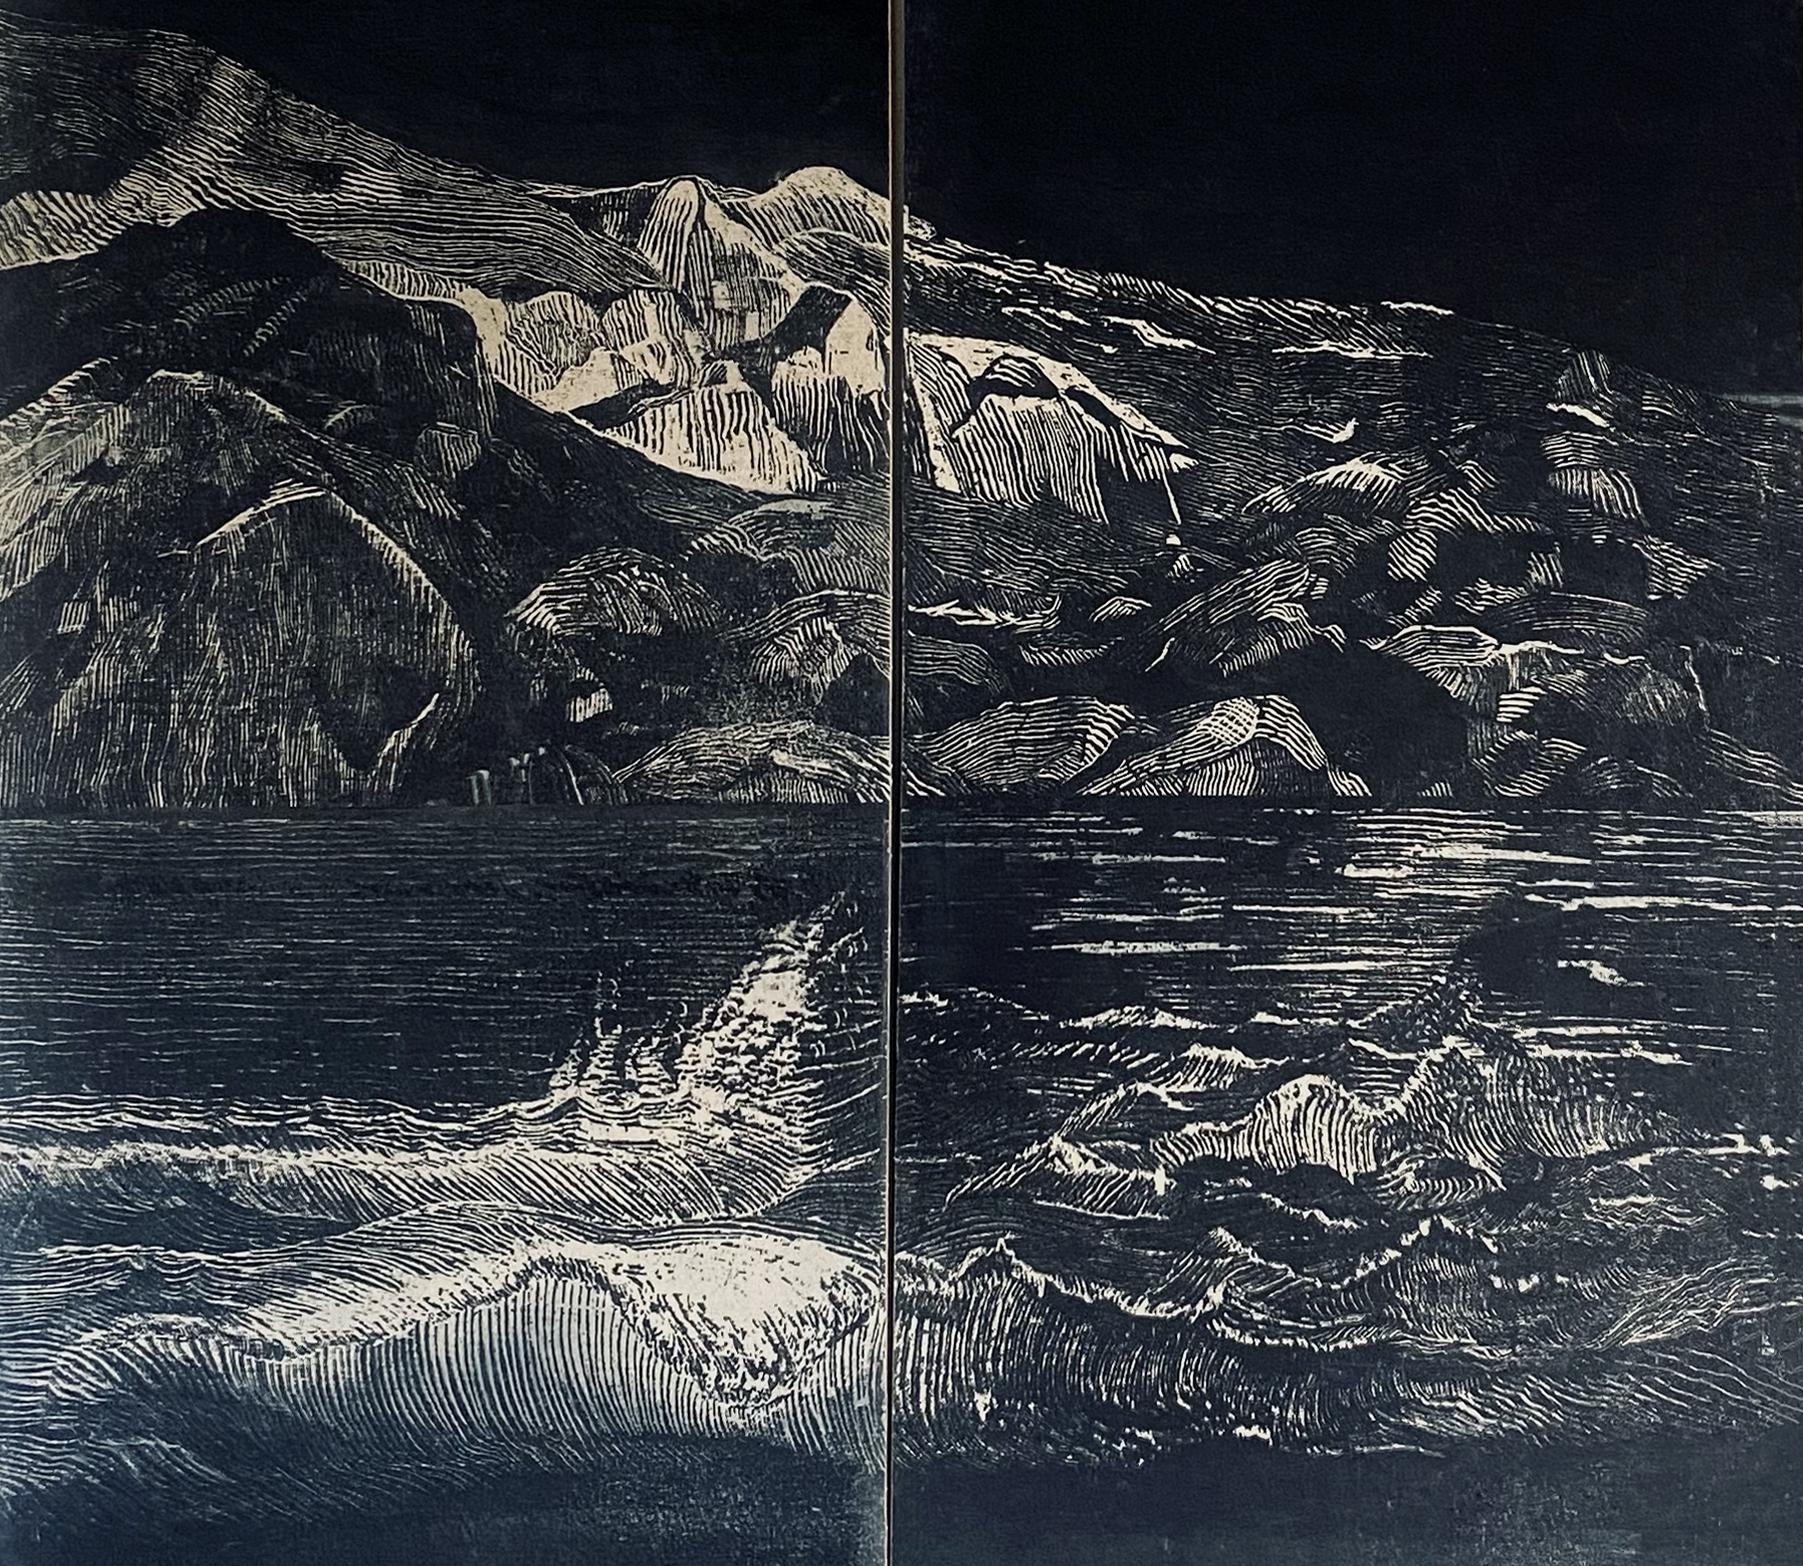 Kelsey Ashe, Indigo (Detail), Screenprint with indigo ink